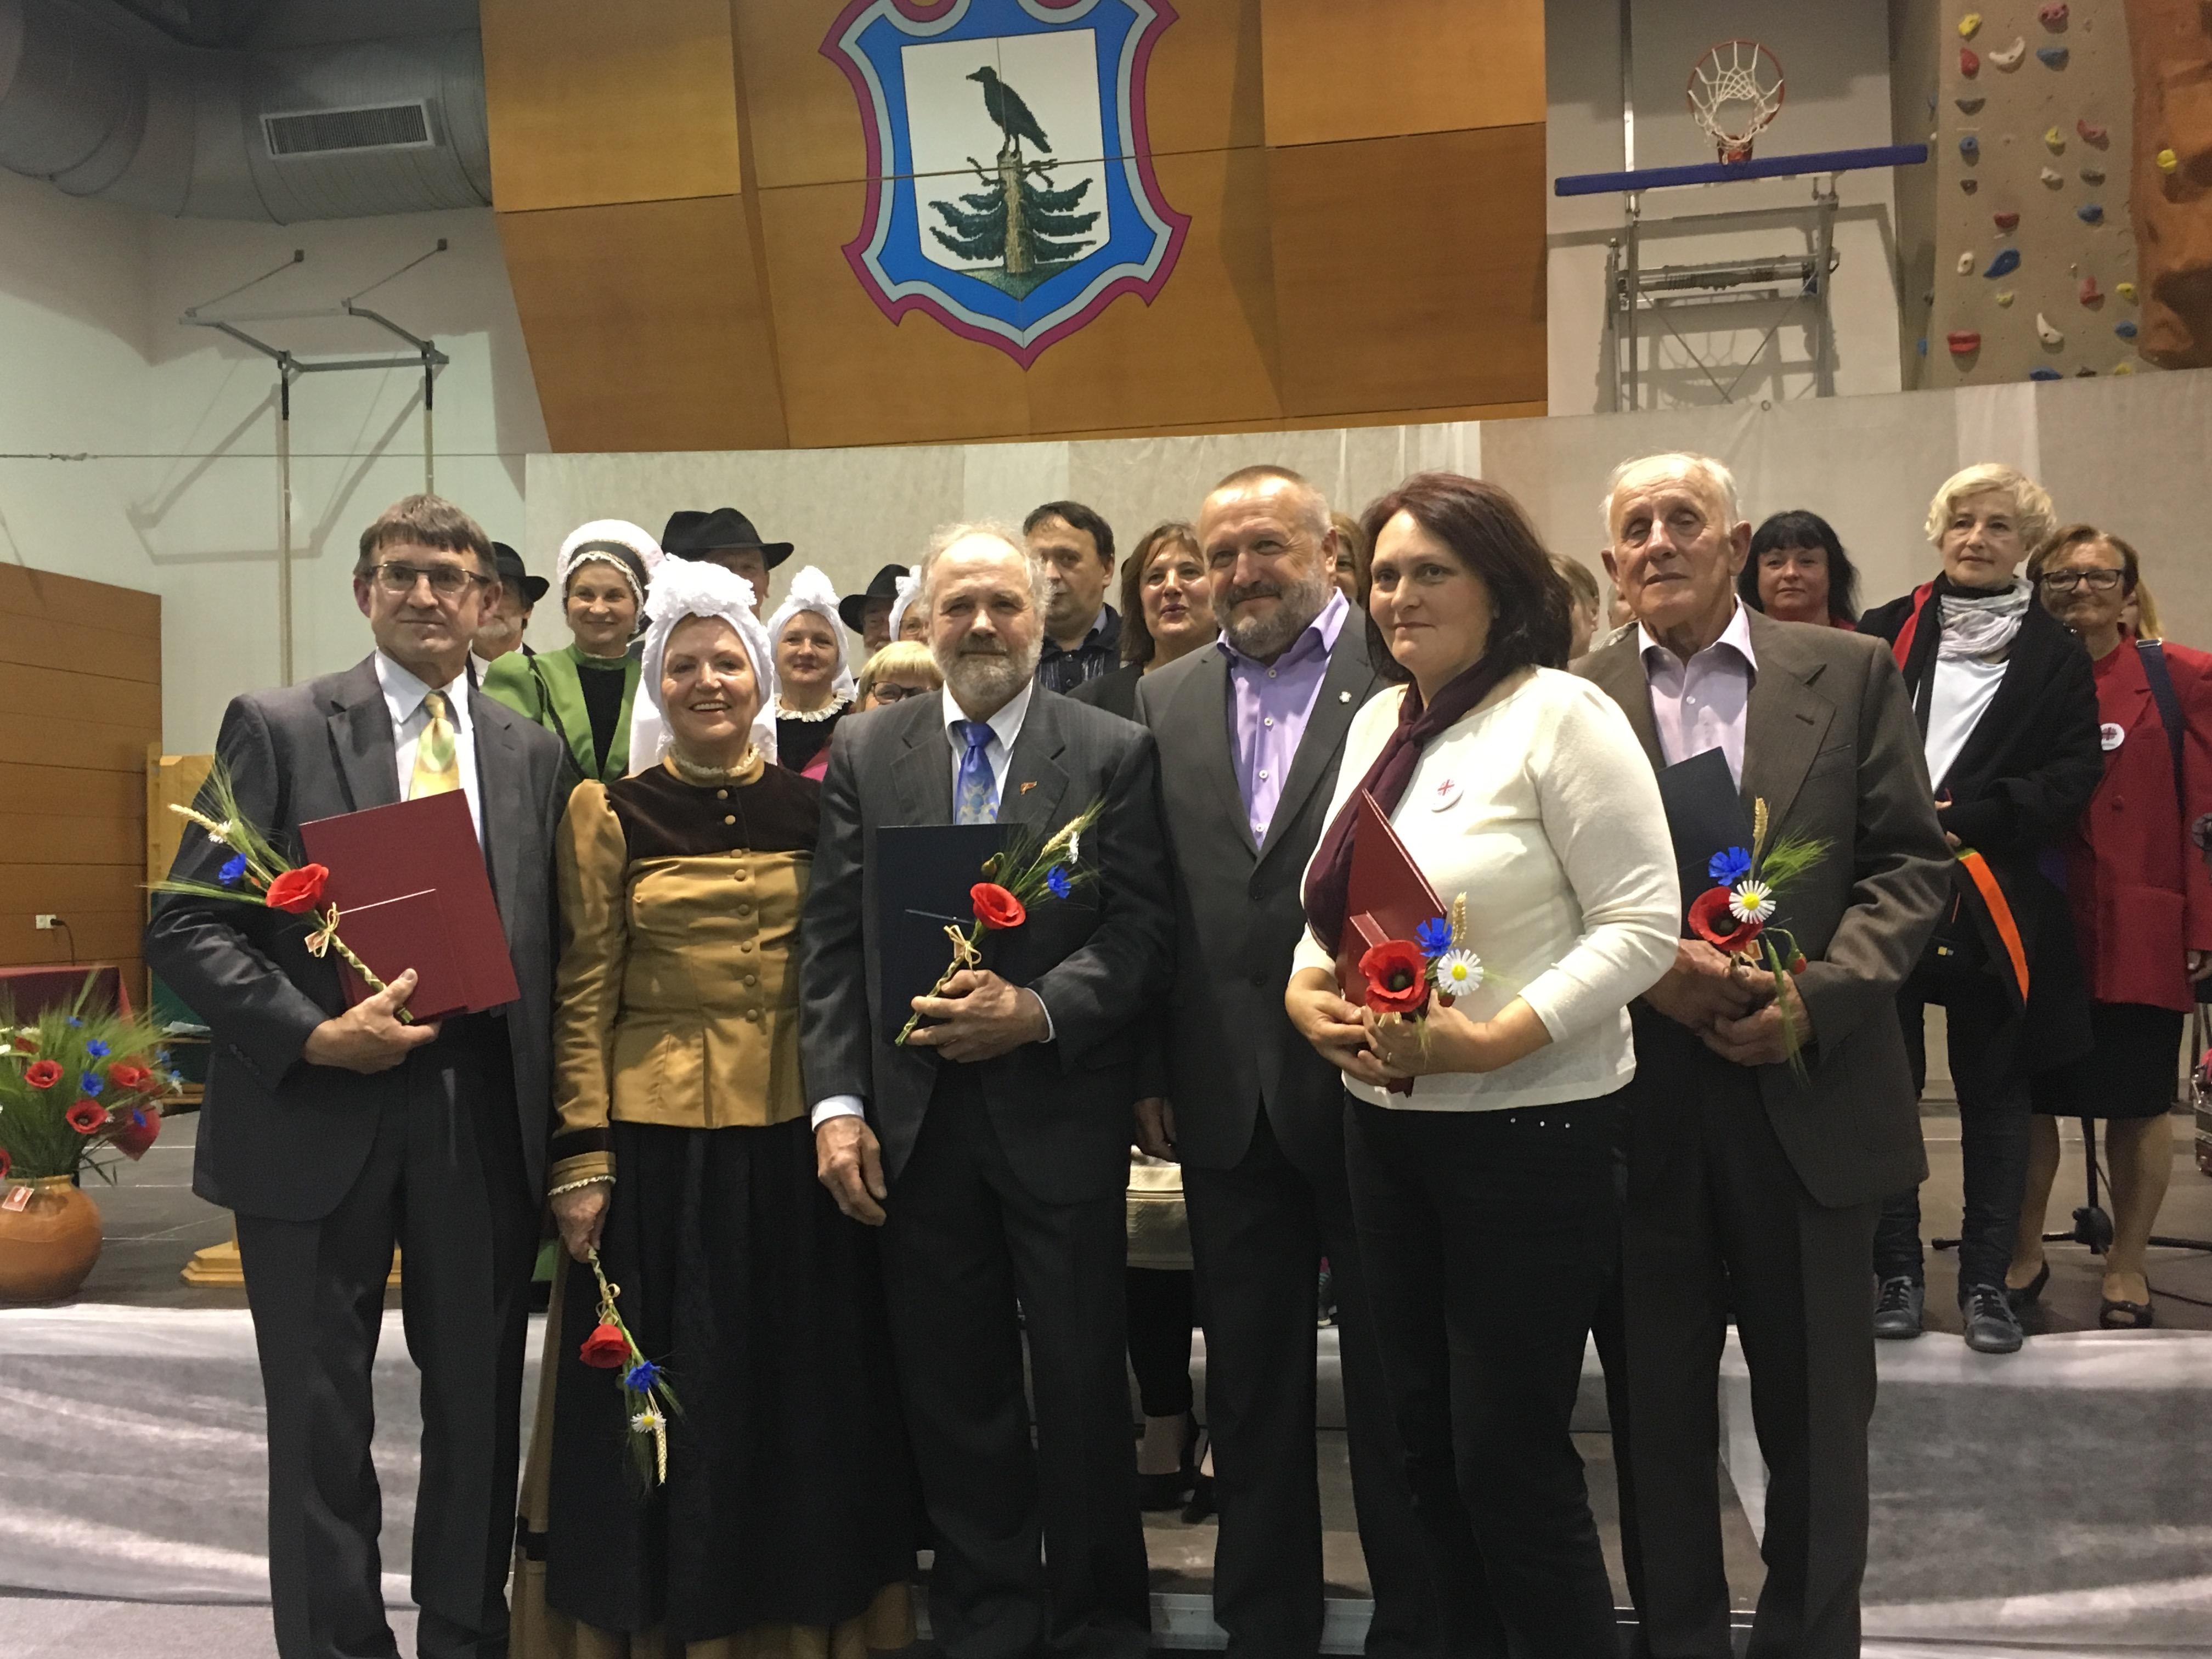 [FOTO] Župan Sušnik ob občinskem prazniku ponosen na številne nove  pridobitve Občine Vransko